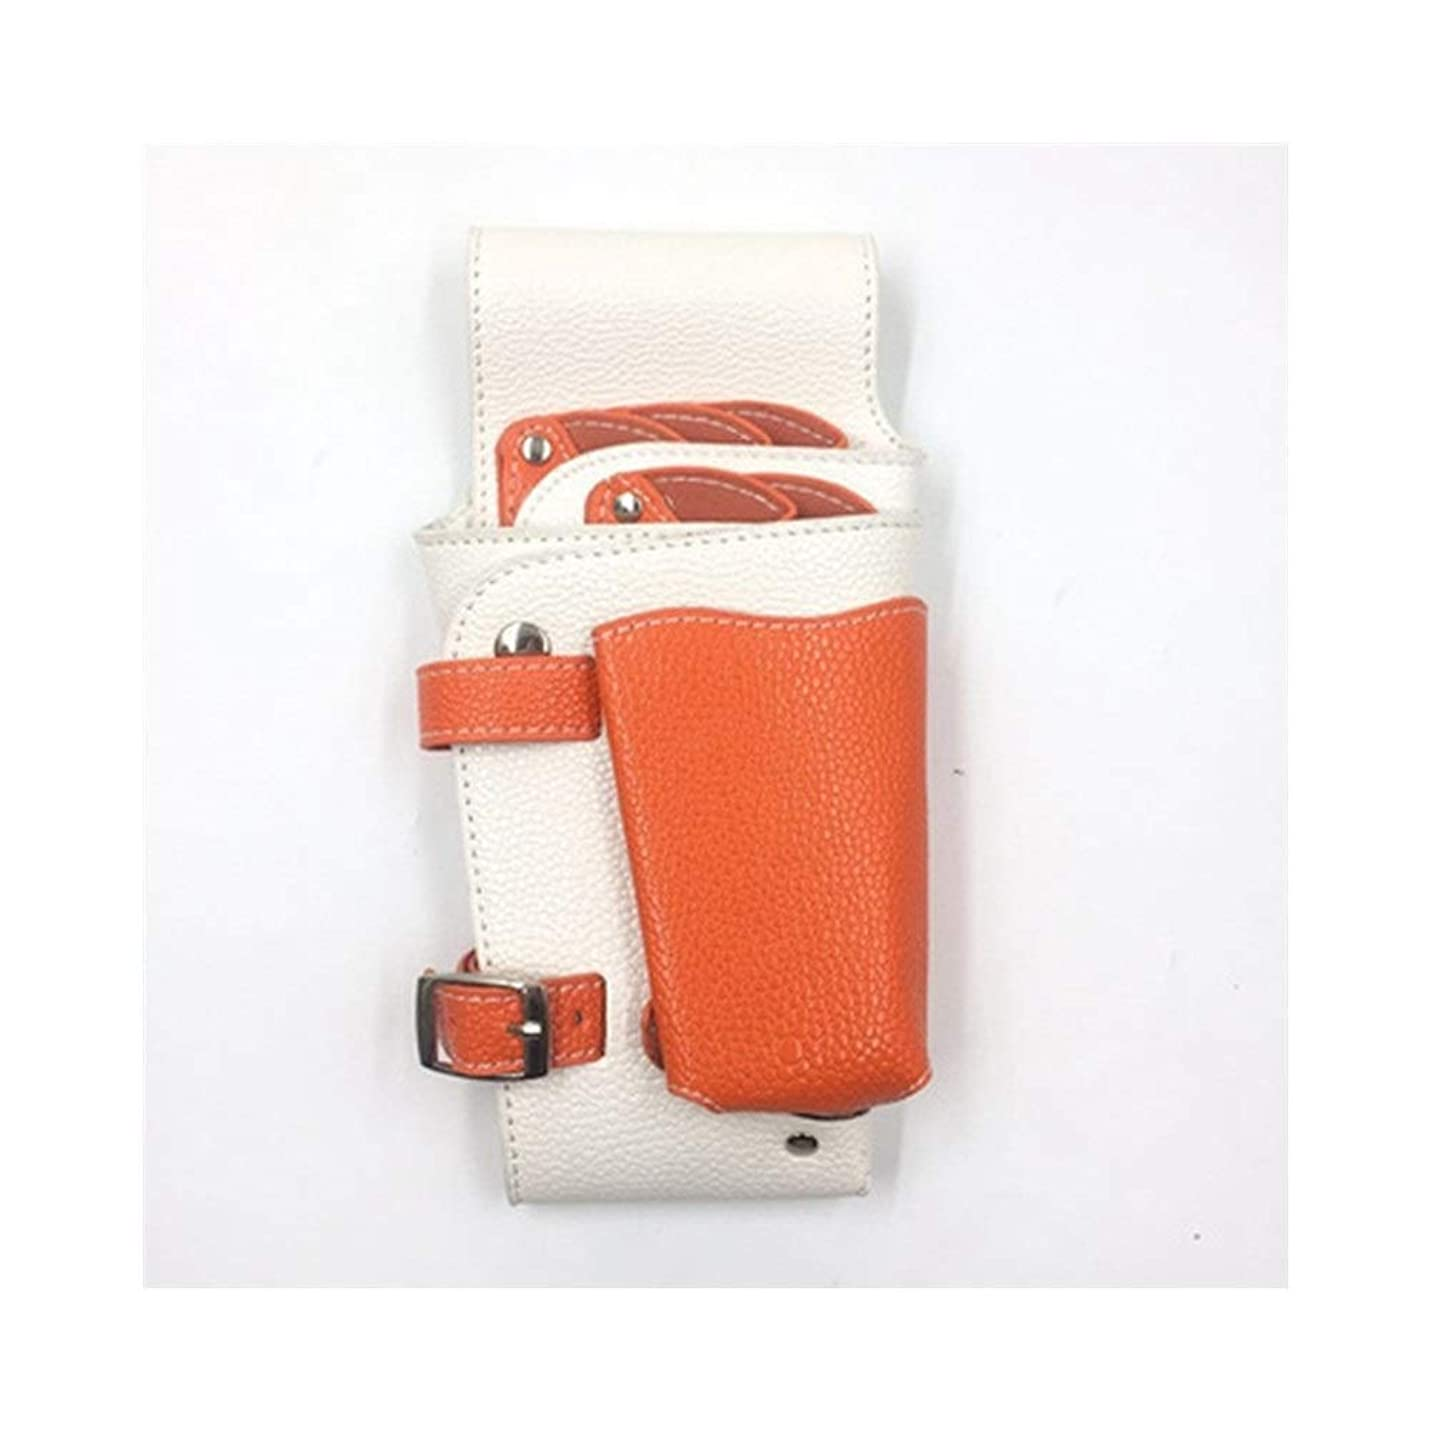 要塞義務的解釈的JPAKIOS 大広間の美容理髪の袋、ベルトが付いている毛のキットの付属品袋の理髪師のはさみのホルスター (色 : オレンジ)